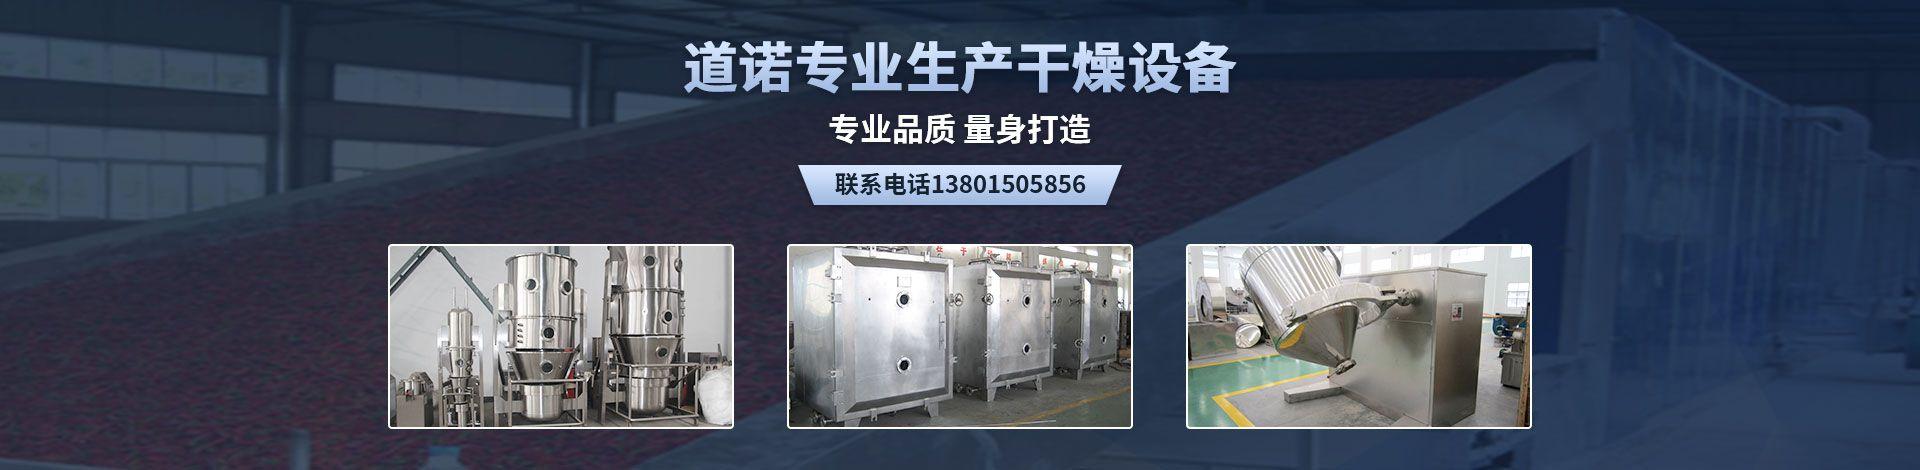 江苏道诺干燥设备有限公司